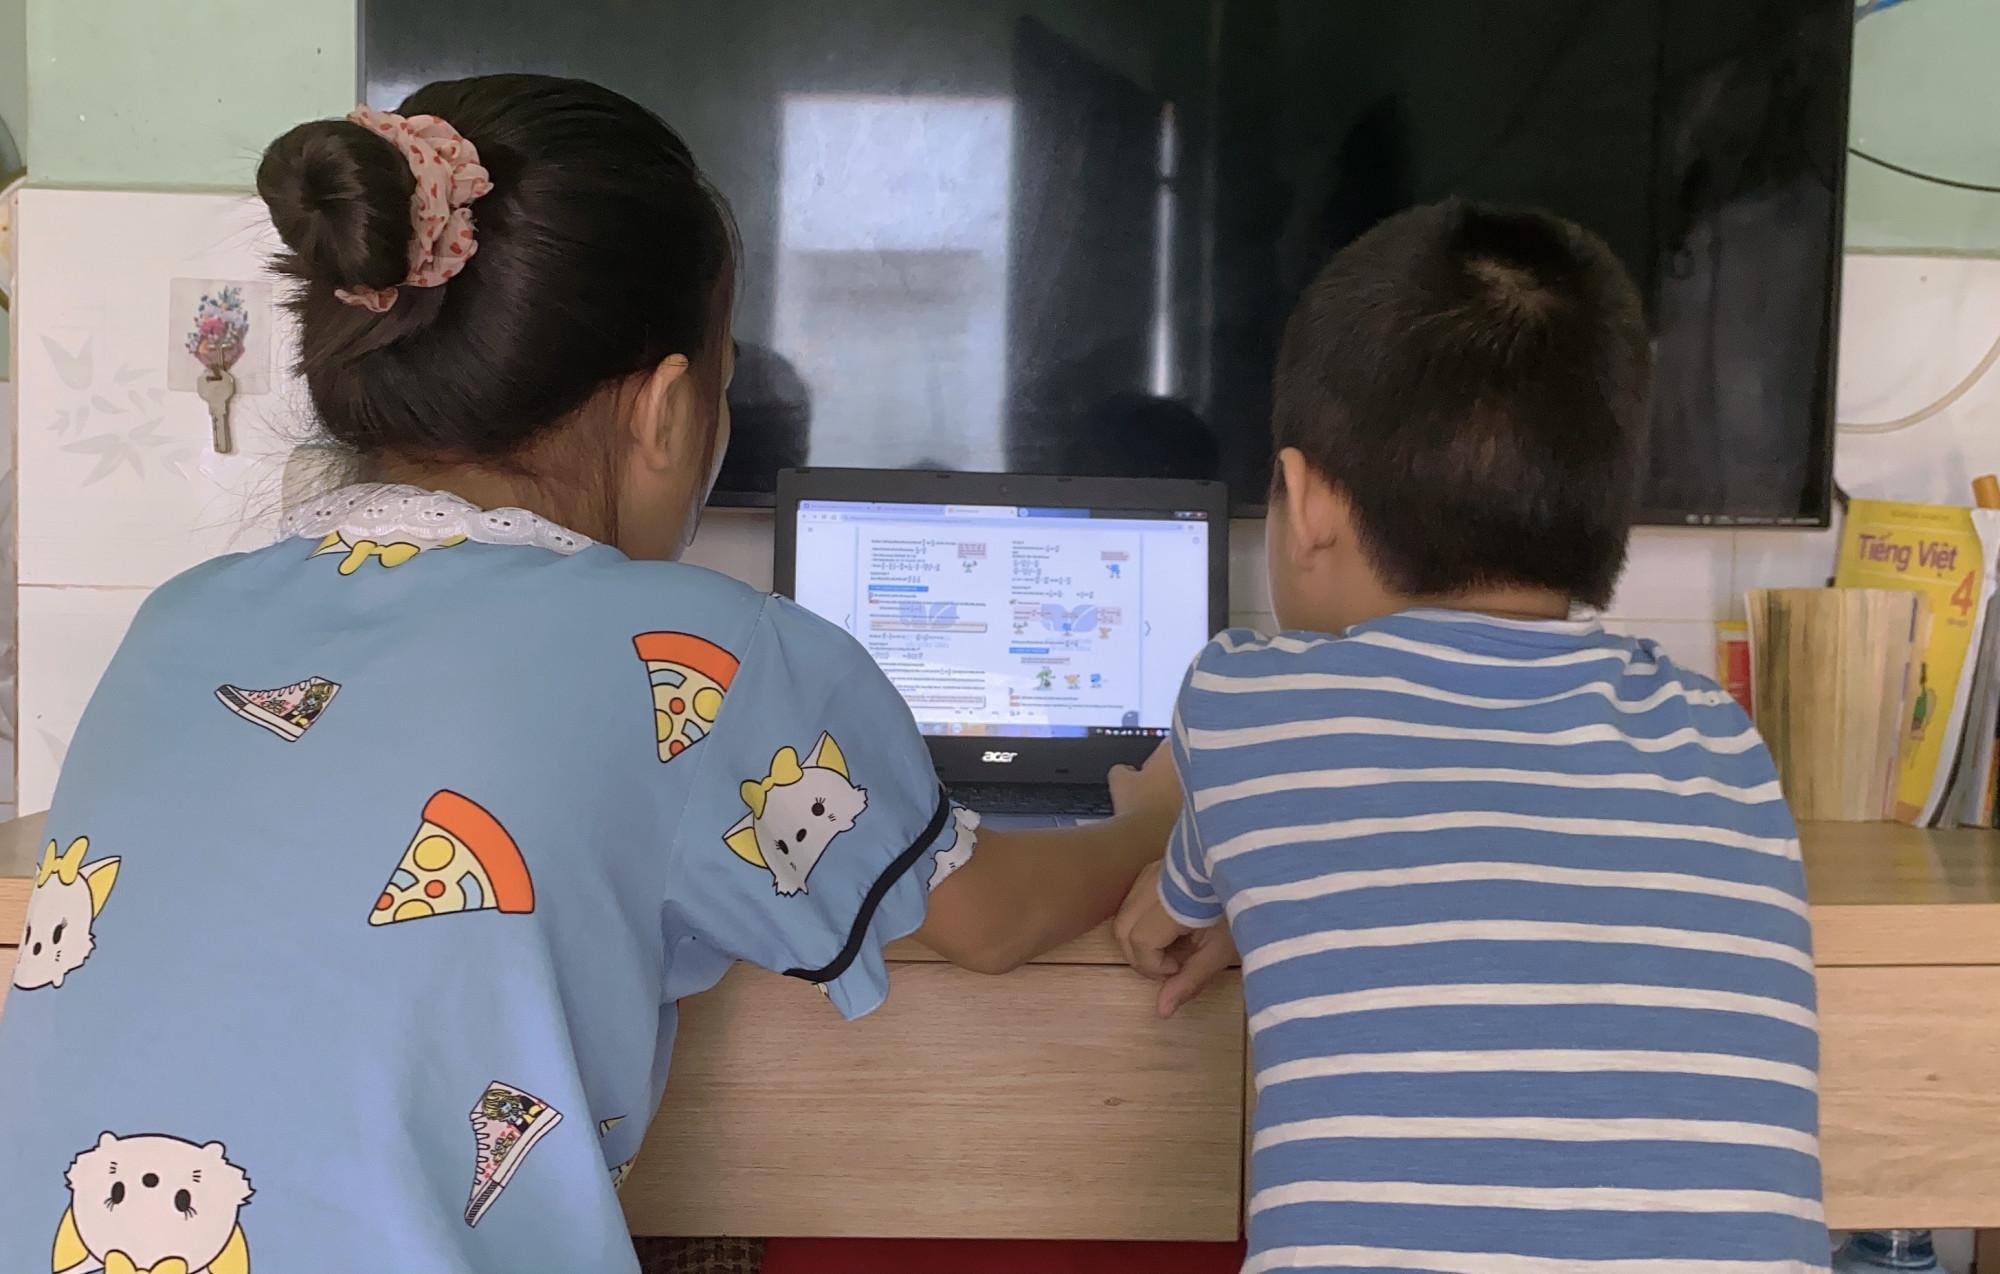 Học online là một giải pháp cần thiết trước tình hình COVID-19 nhưng cũng có thể gây ra nhiều vấn đề cho trẻ, ảnh minh học